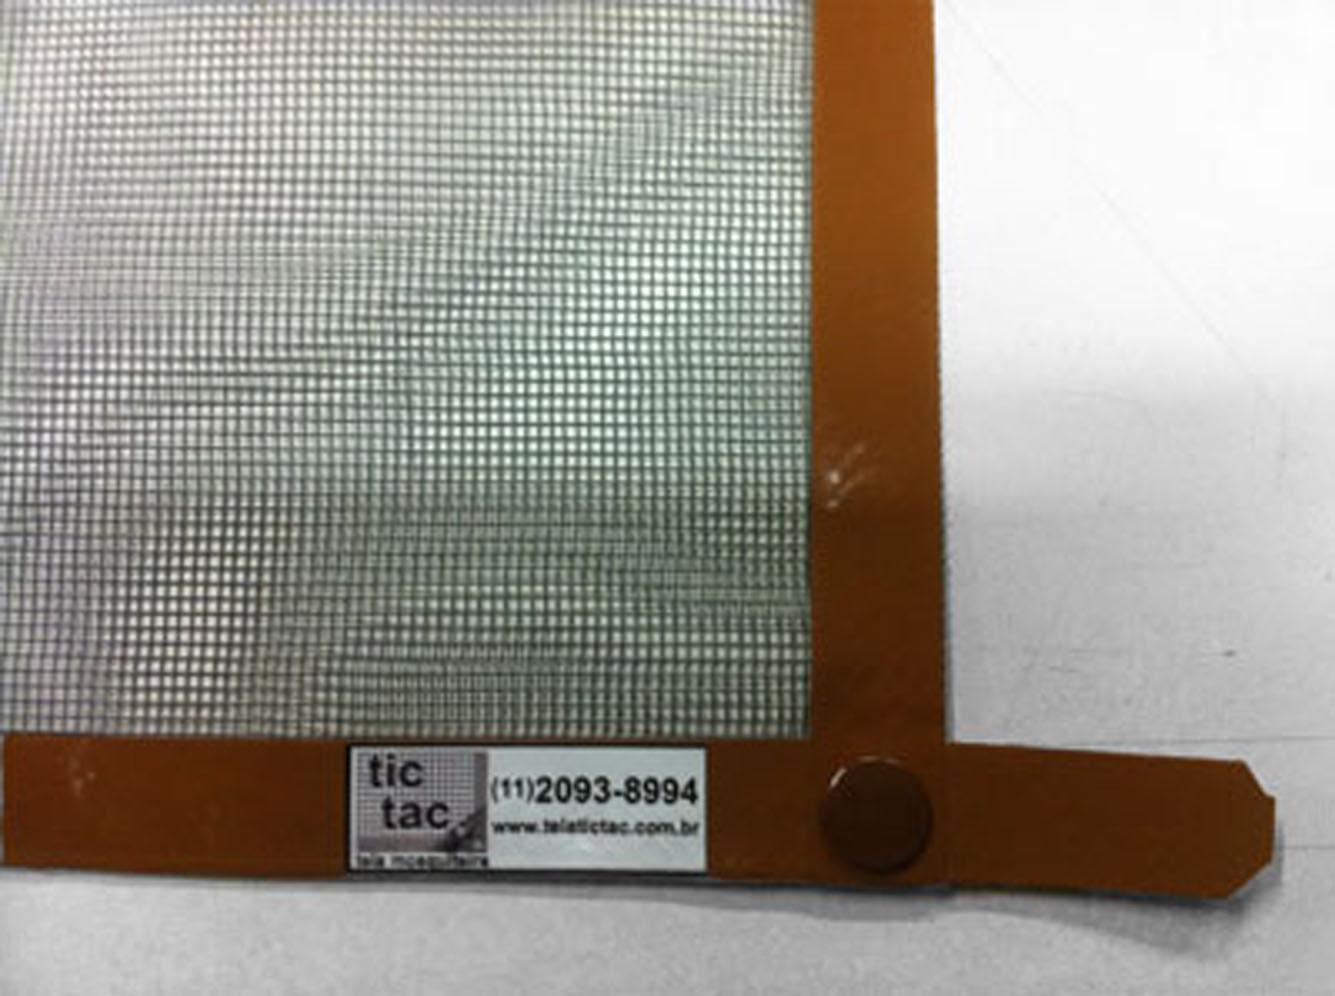 #753D12 tela mosquiteira tela mosquiteira tela mosquiteira tela para janela 1480 Telas De Proteção Contra Insetos Para Janelas